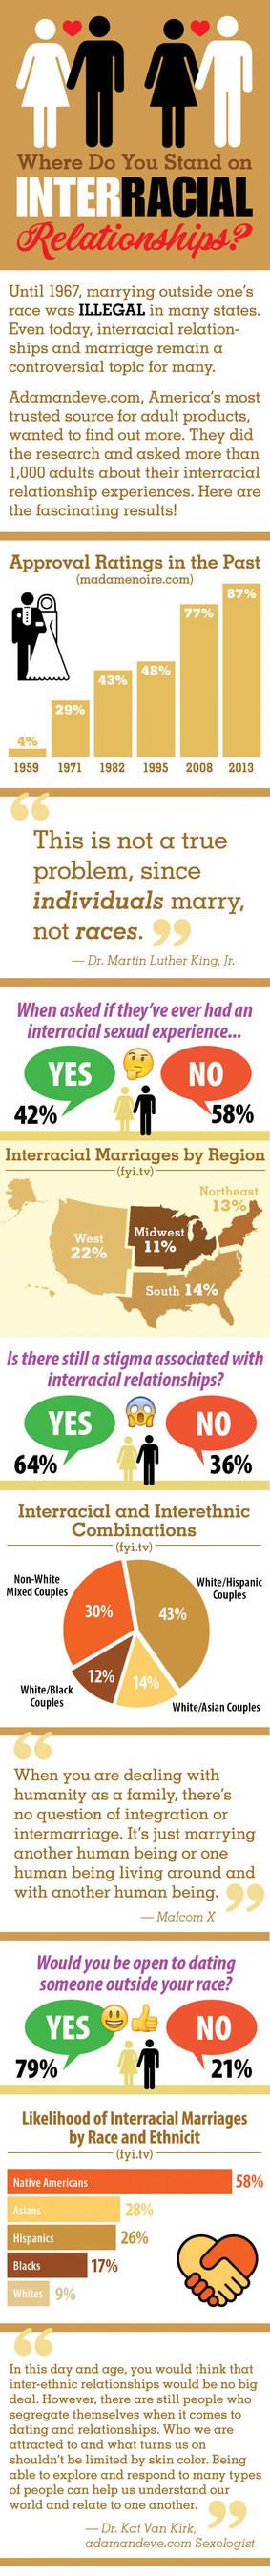 Adamandeve.com Reveals Statistics on Interracial Relationships